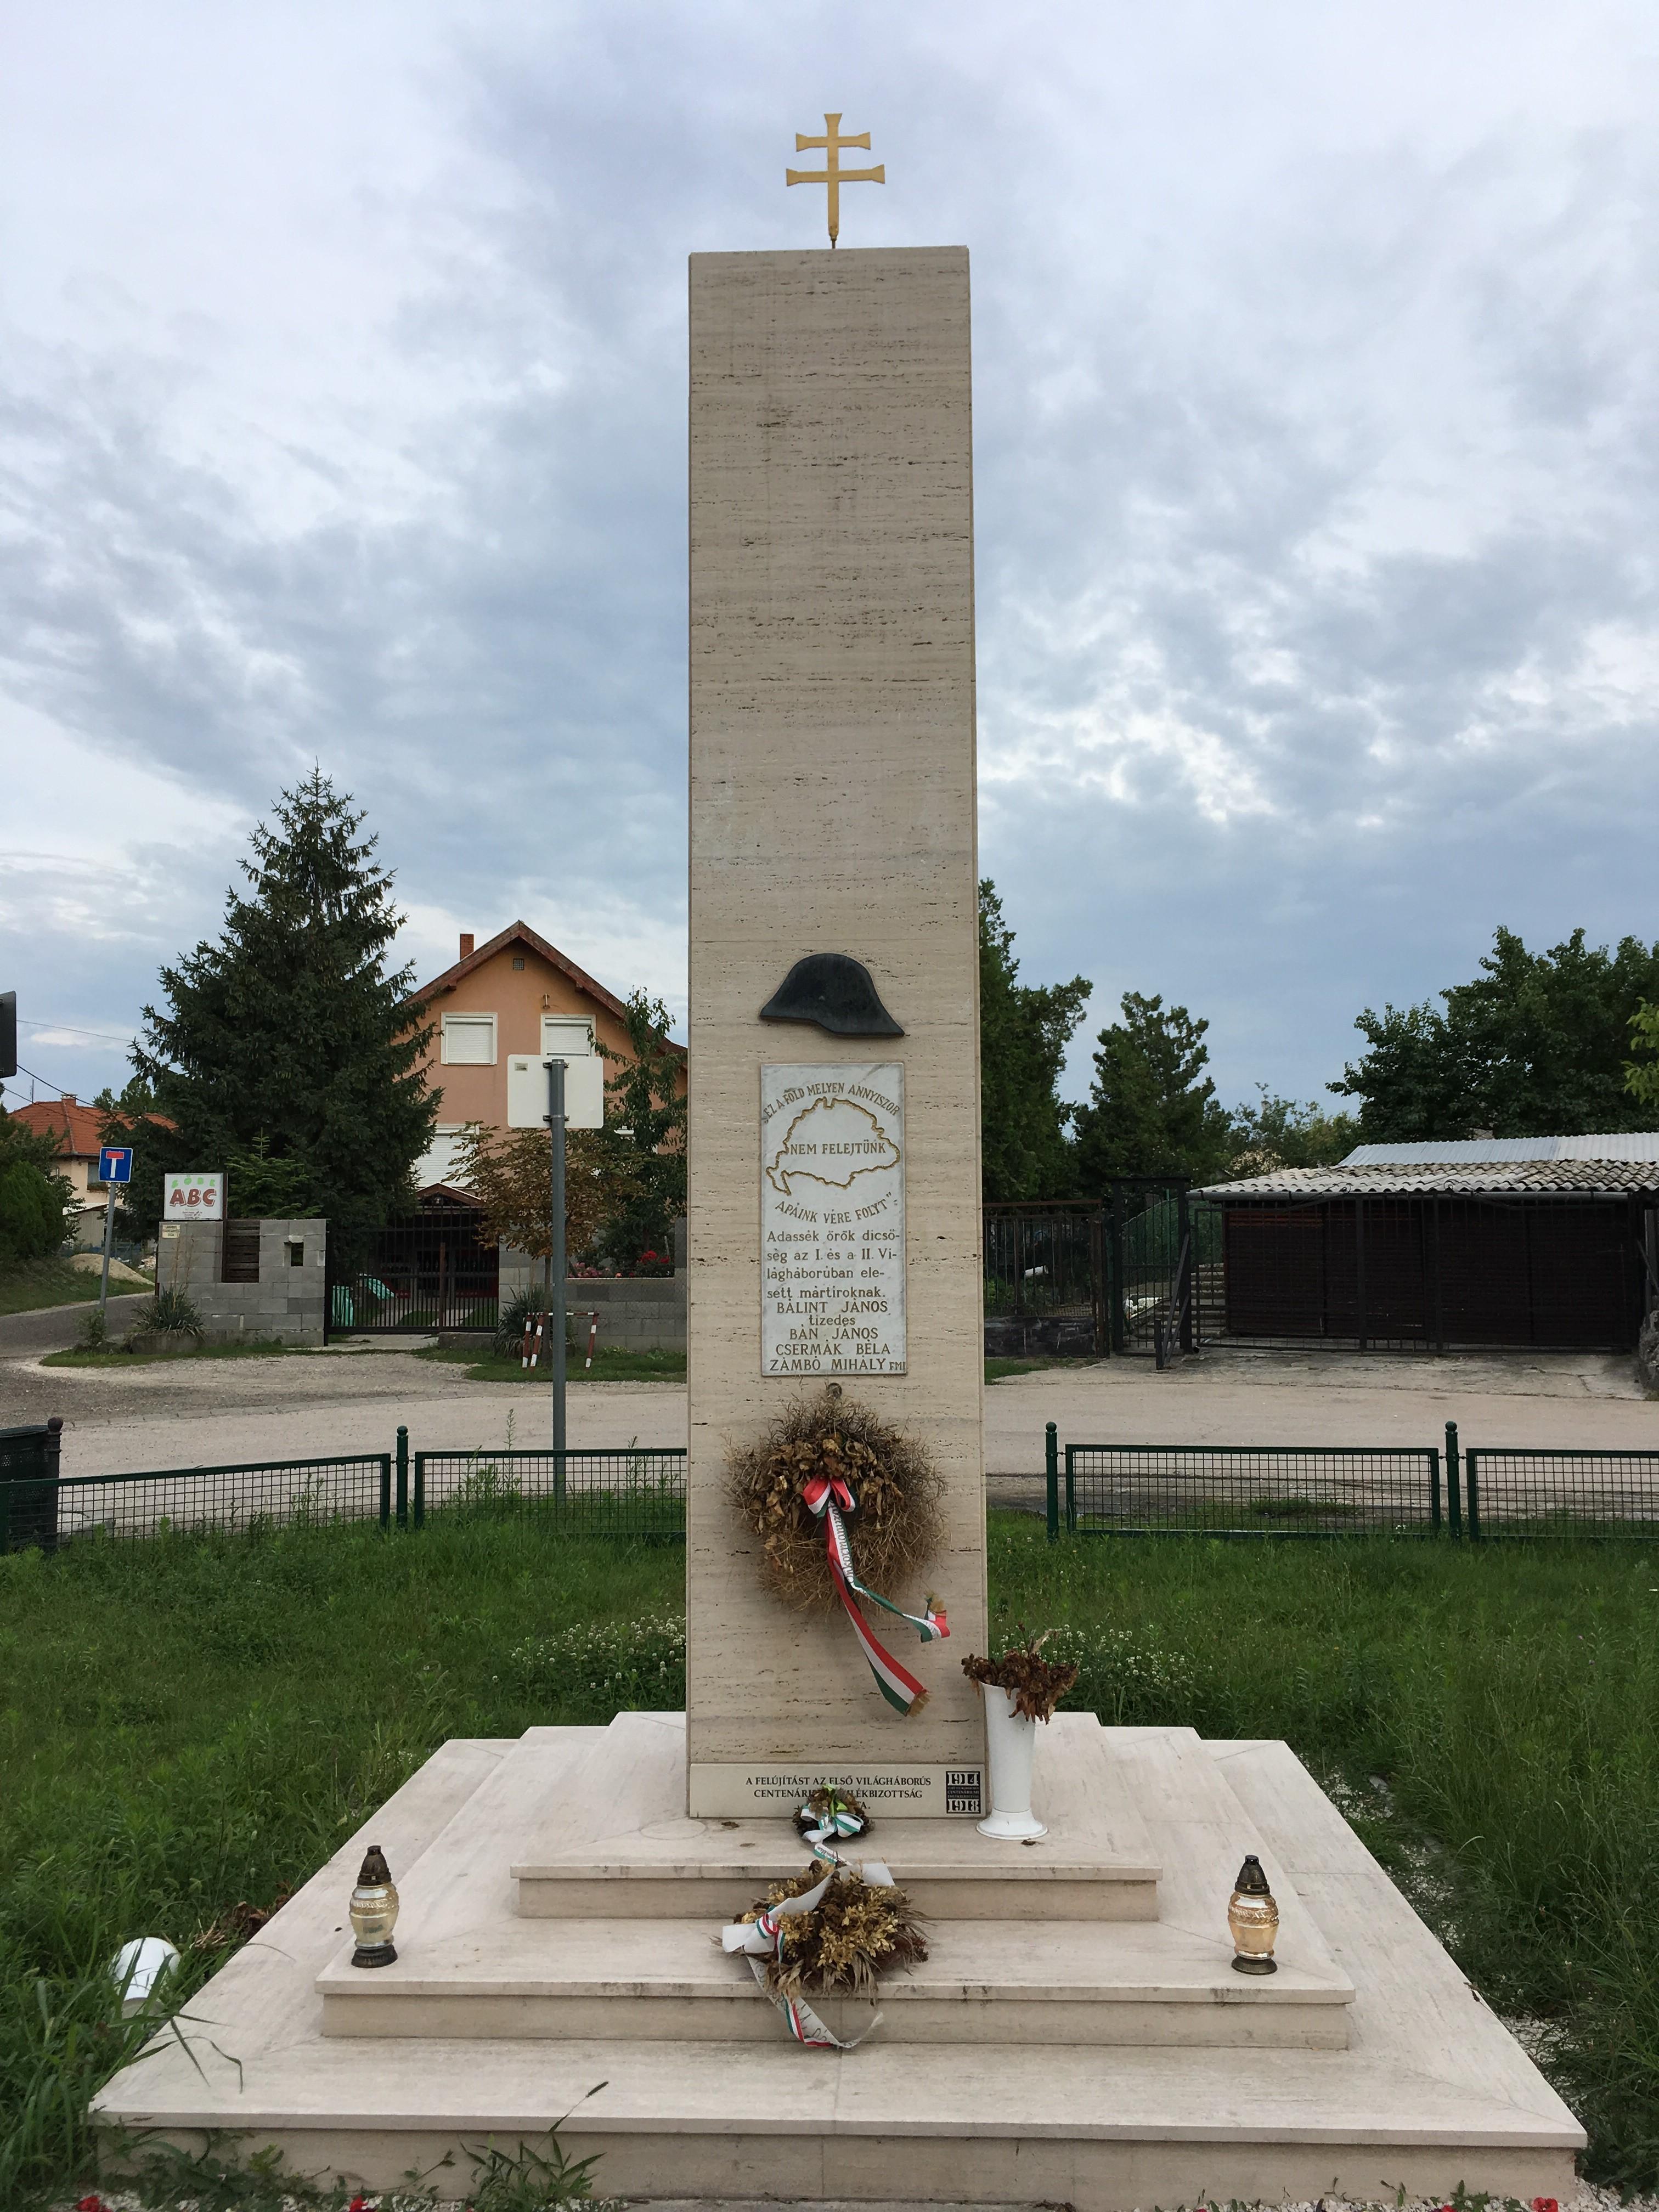 994ac0b477 A térkép felett egy rohamsisakot ábrázoló dombormű látható, alatta a két  világháború és a hős mártírok emlékének felidézésével. A pillér lábánál  lévő újabb ...